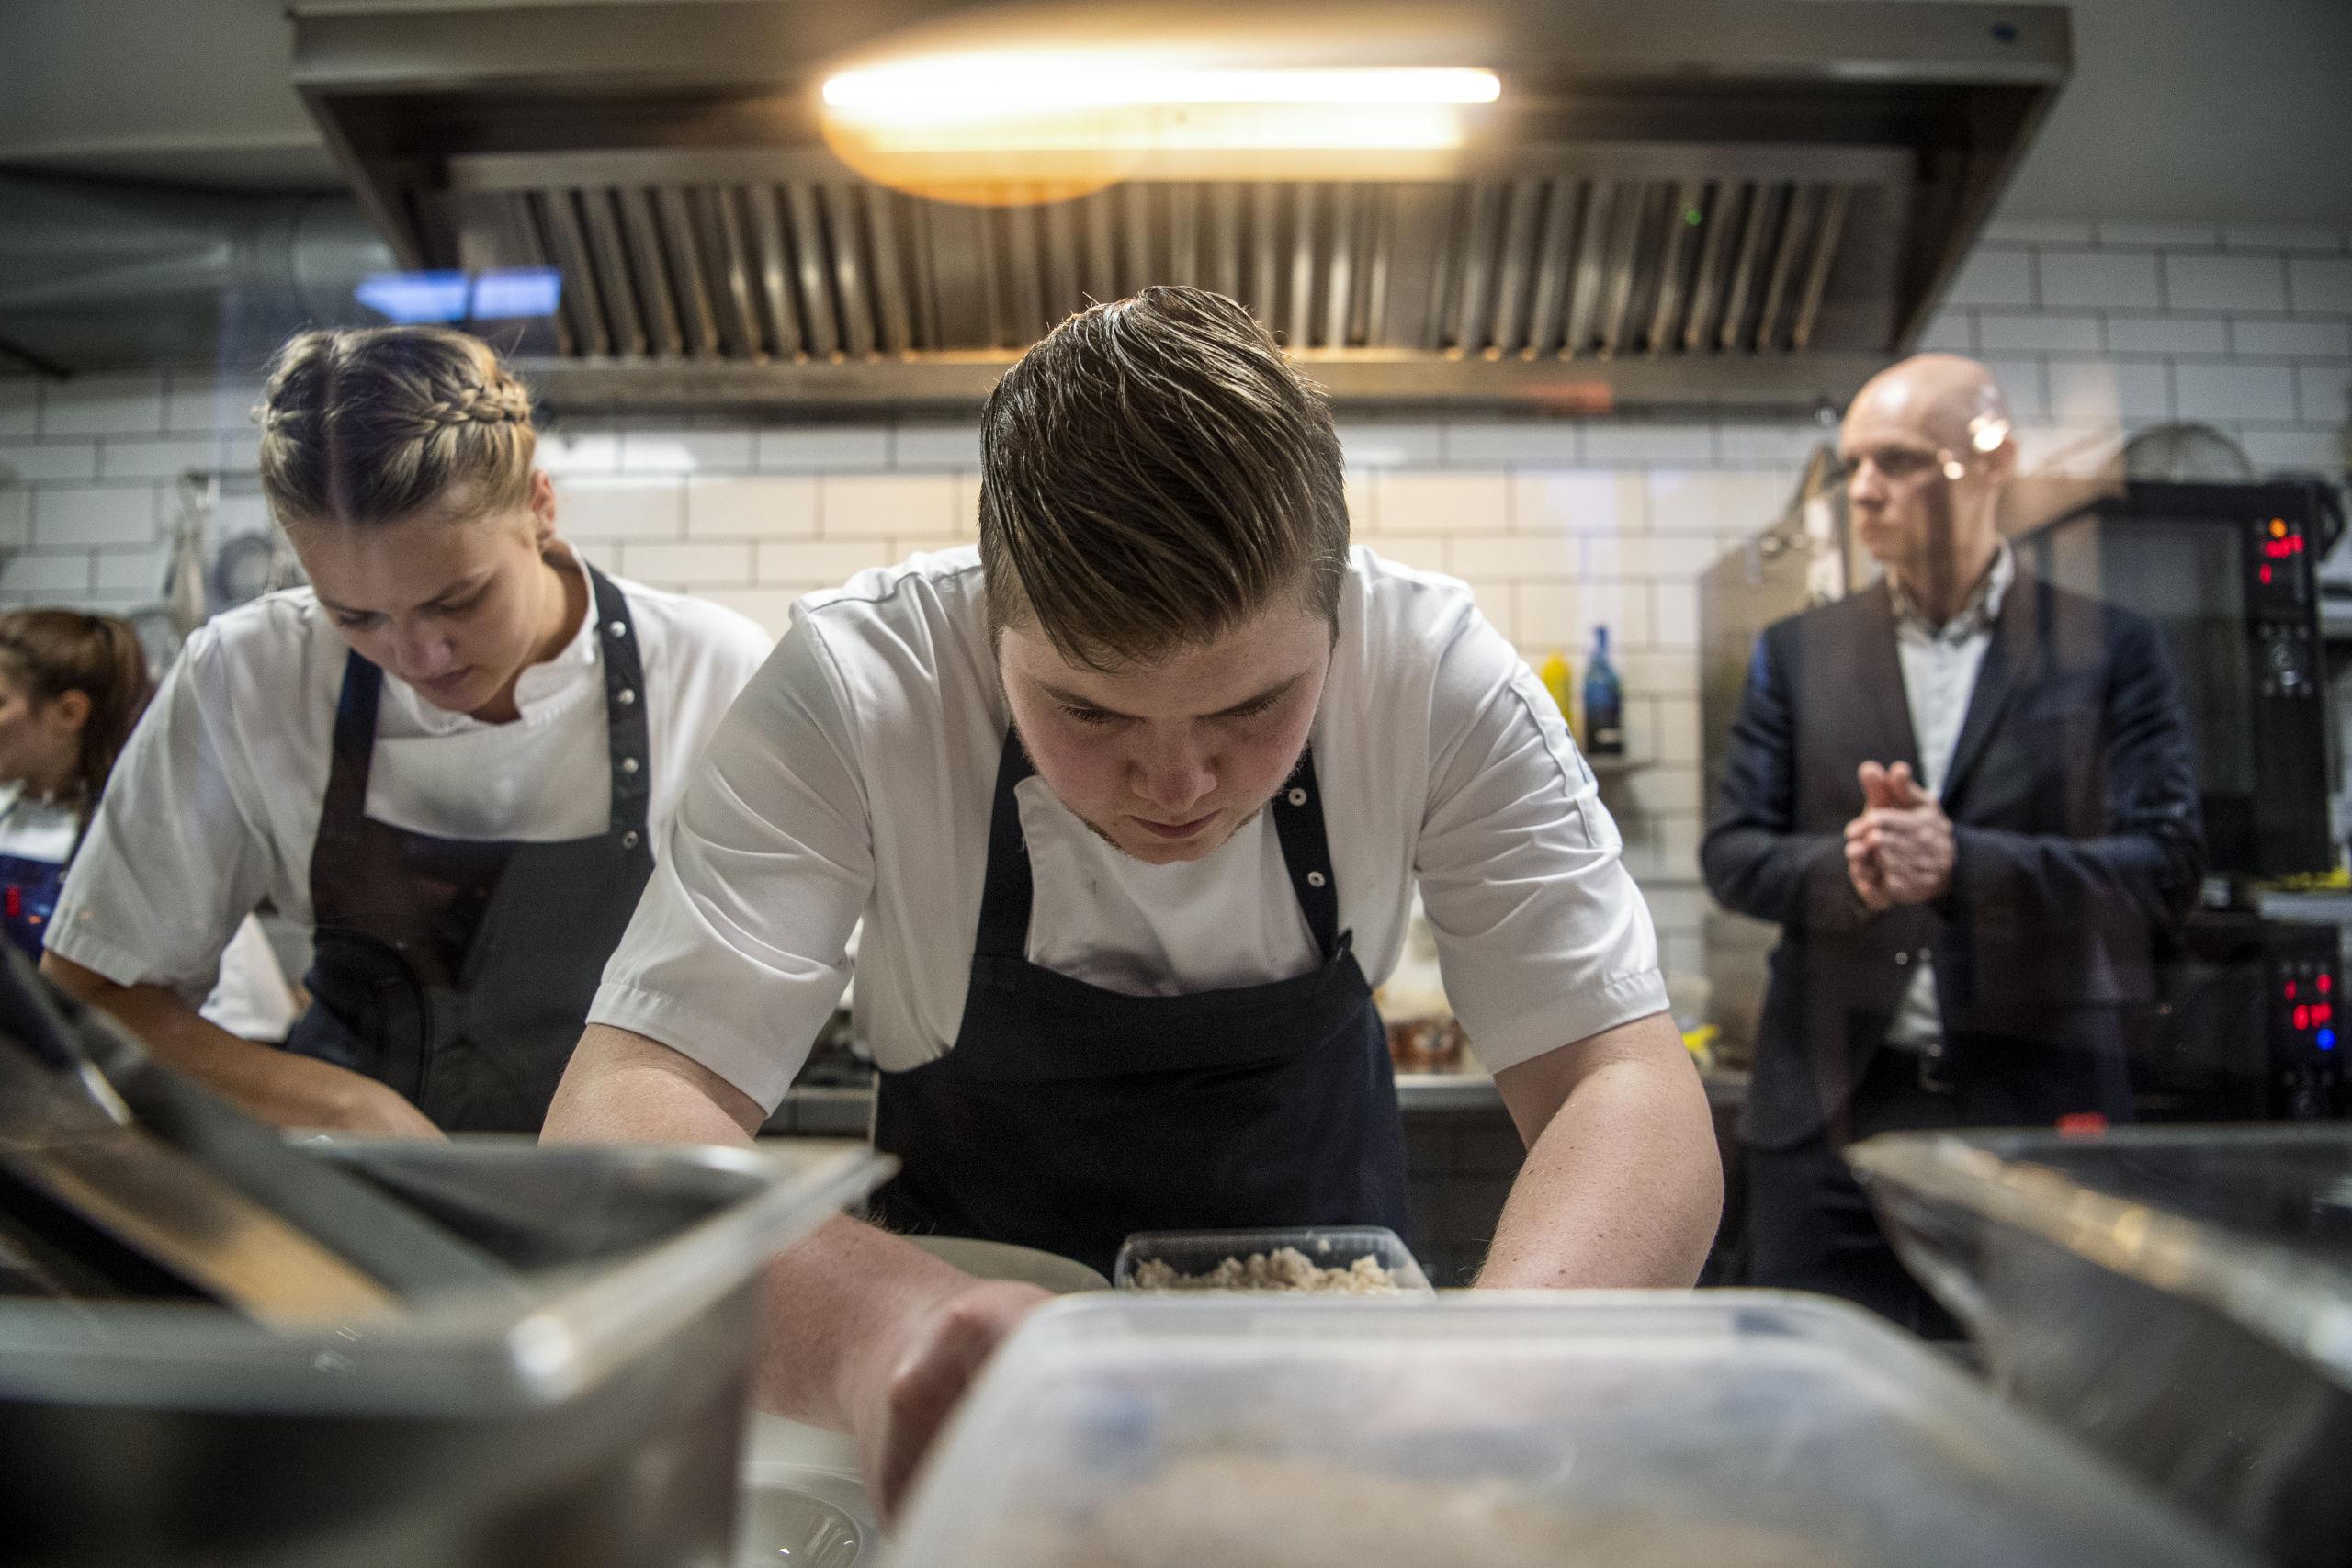 Stor koncentration hos personalet fra Restaurant Uafhængig Foto: Teis Markfoged